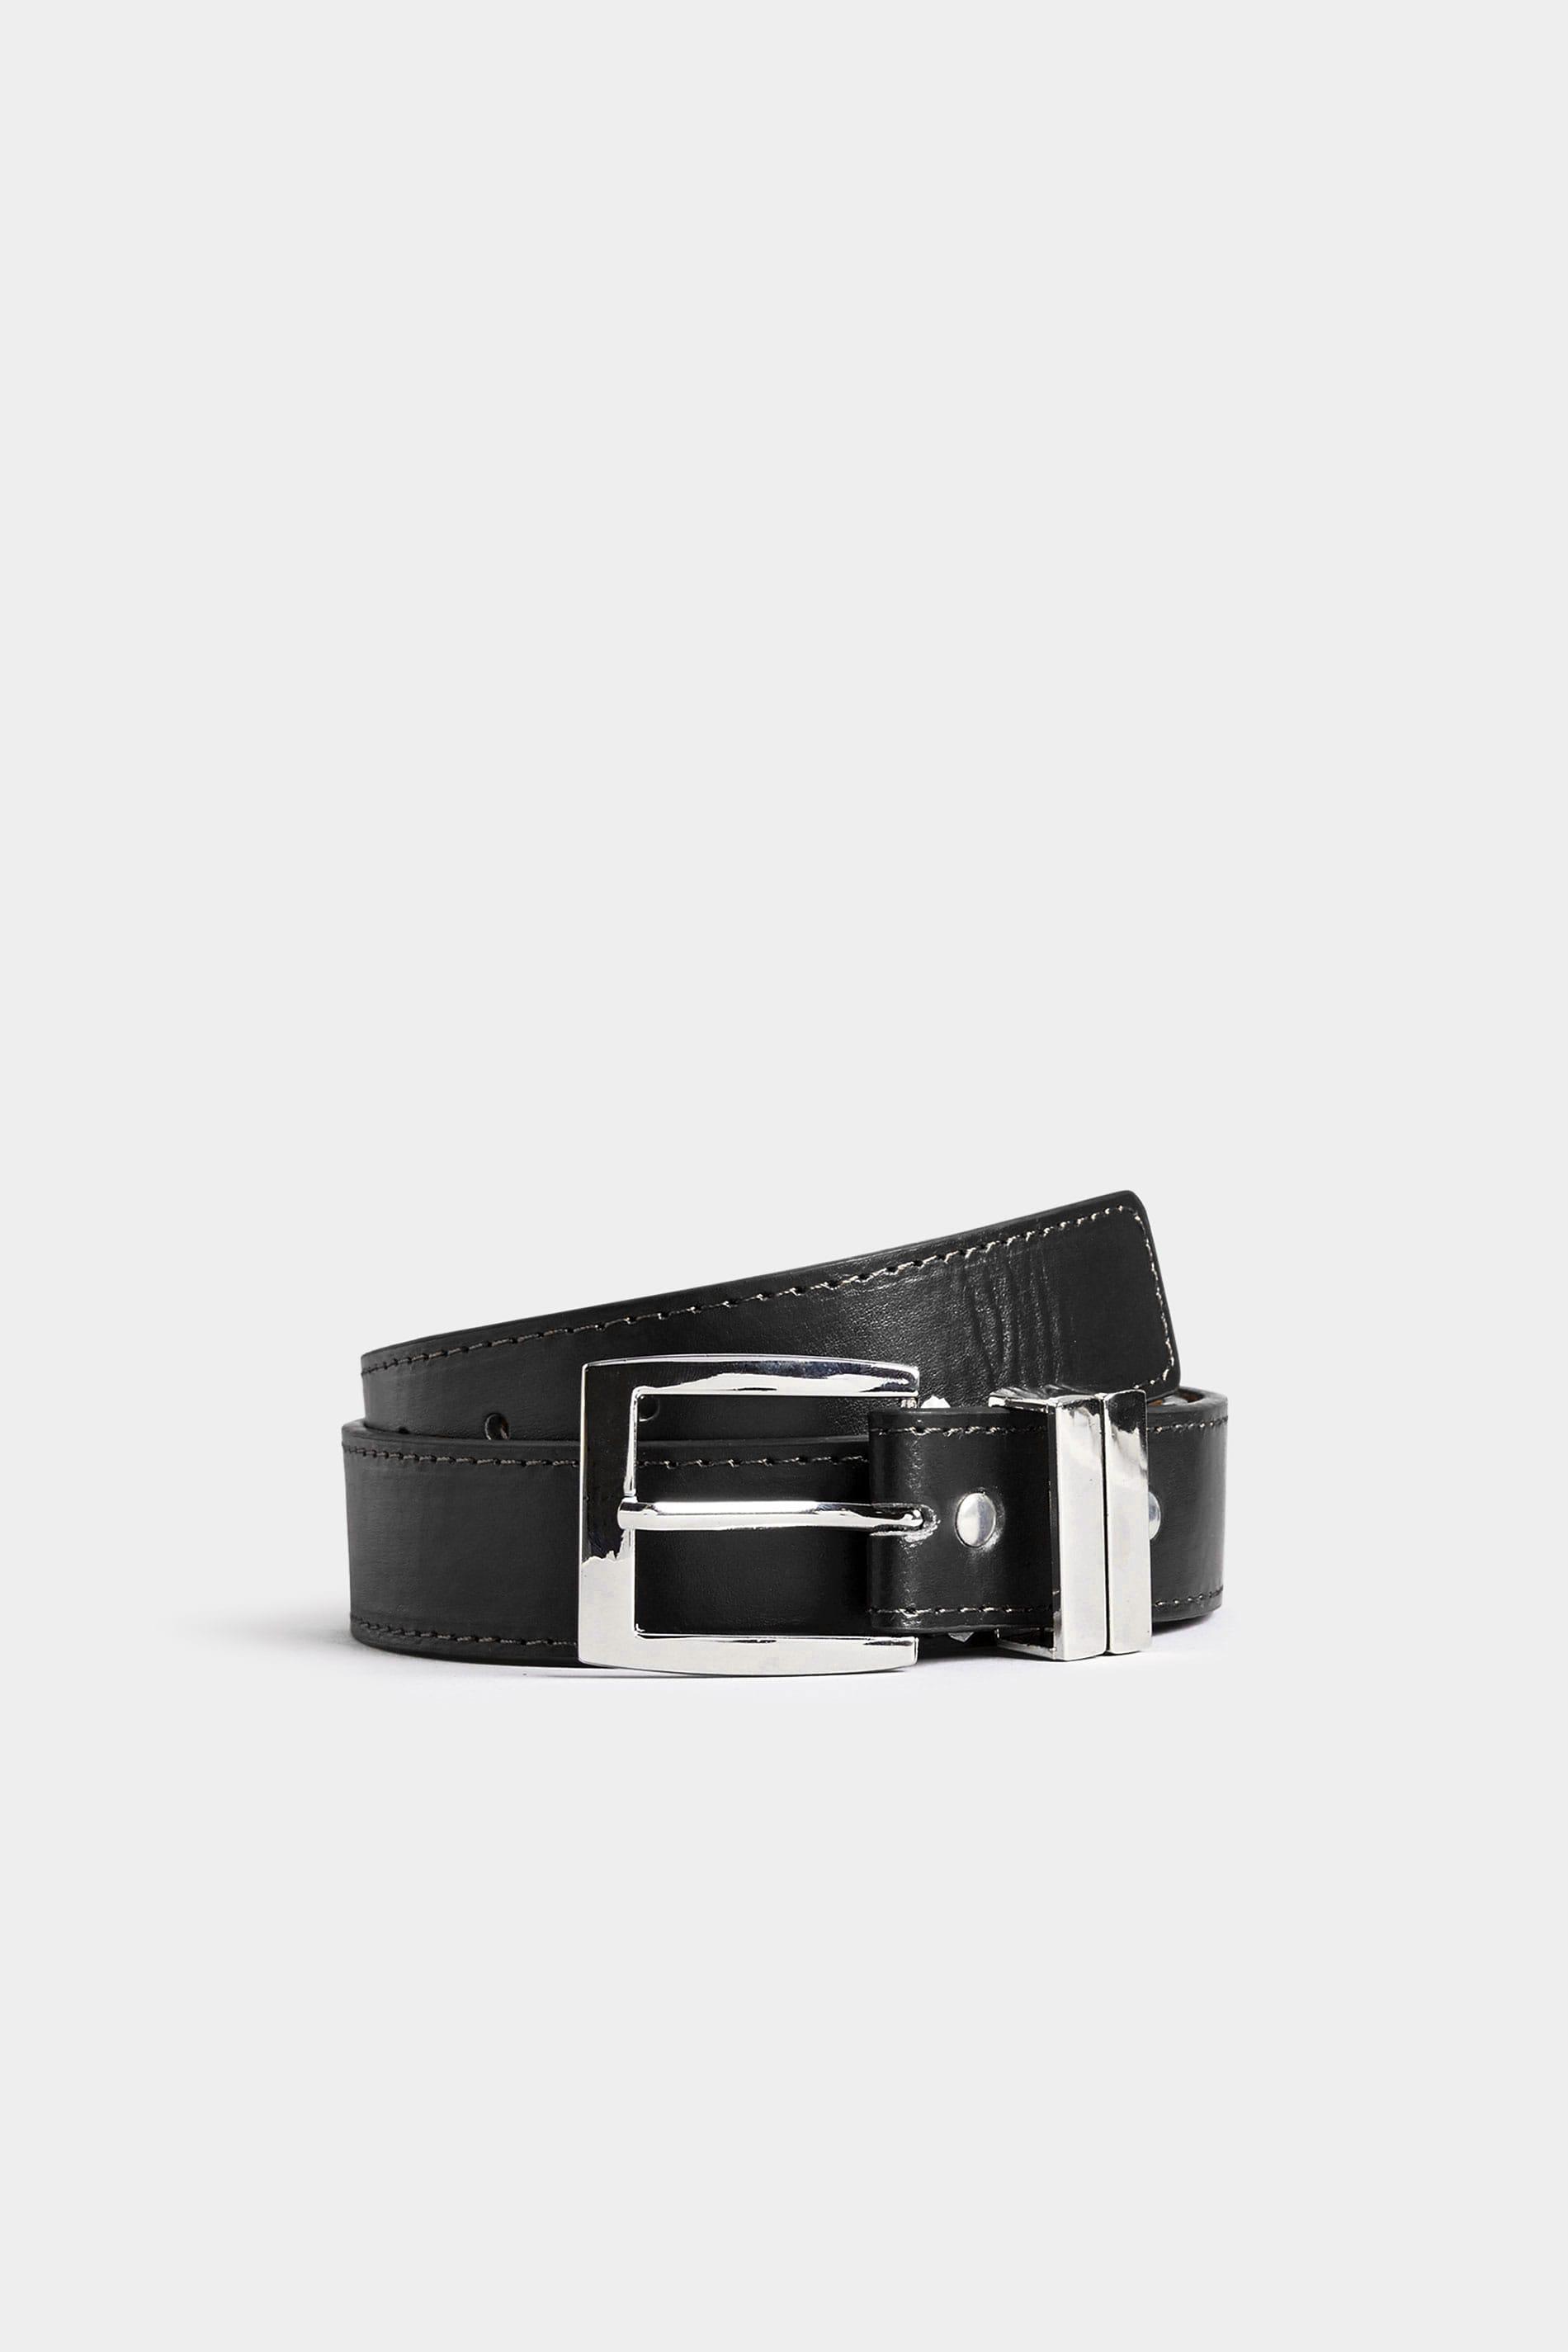 BadRhino Plain Black Bonded Leather Belt